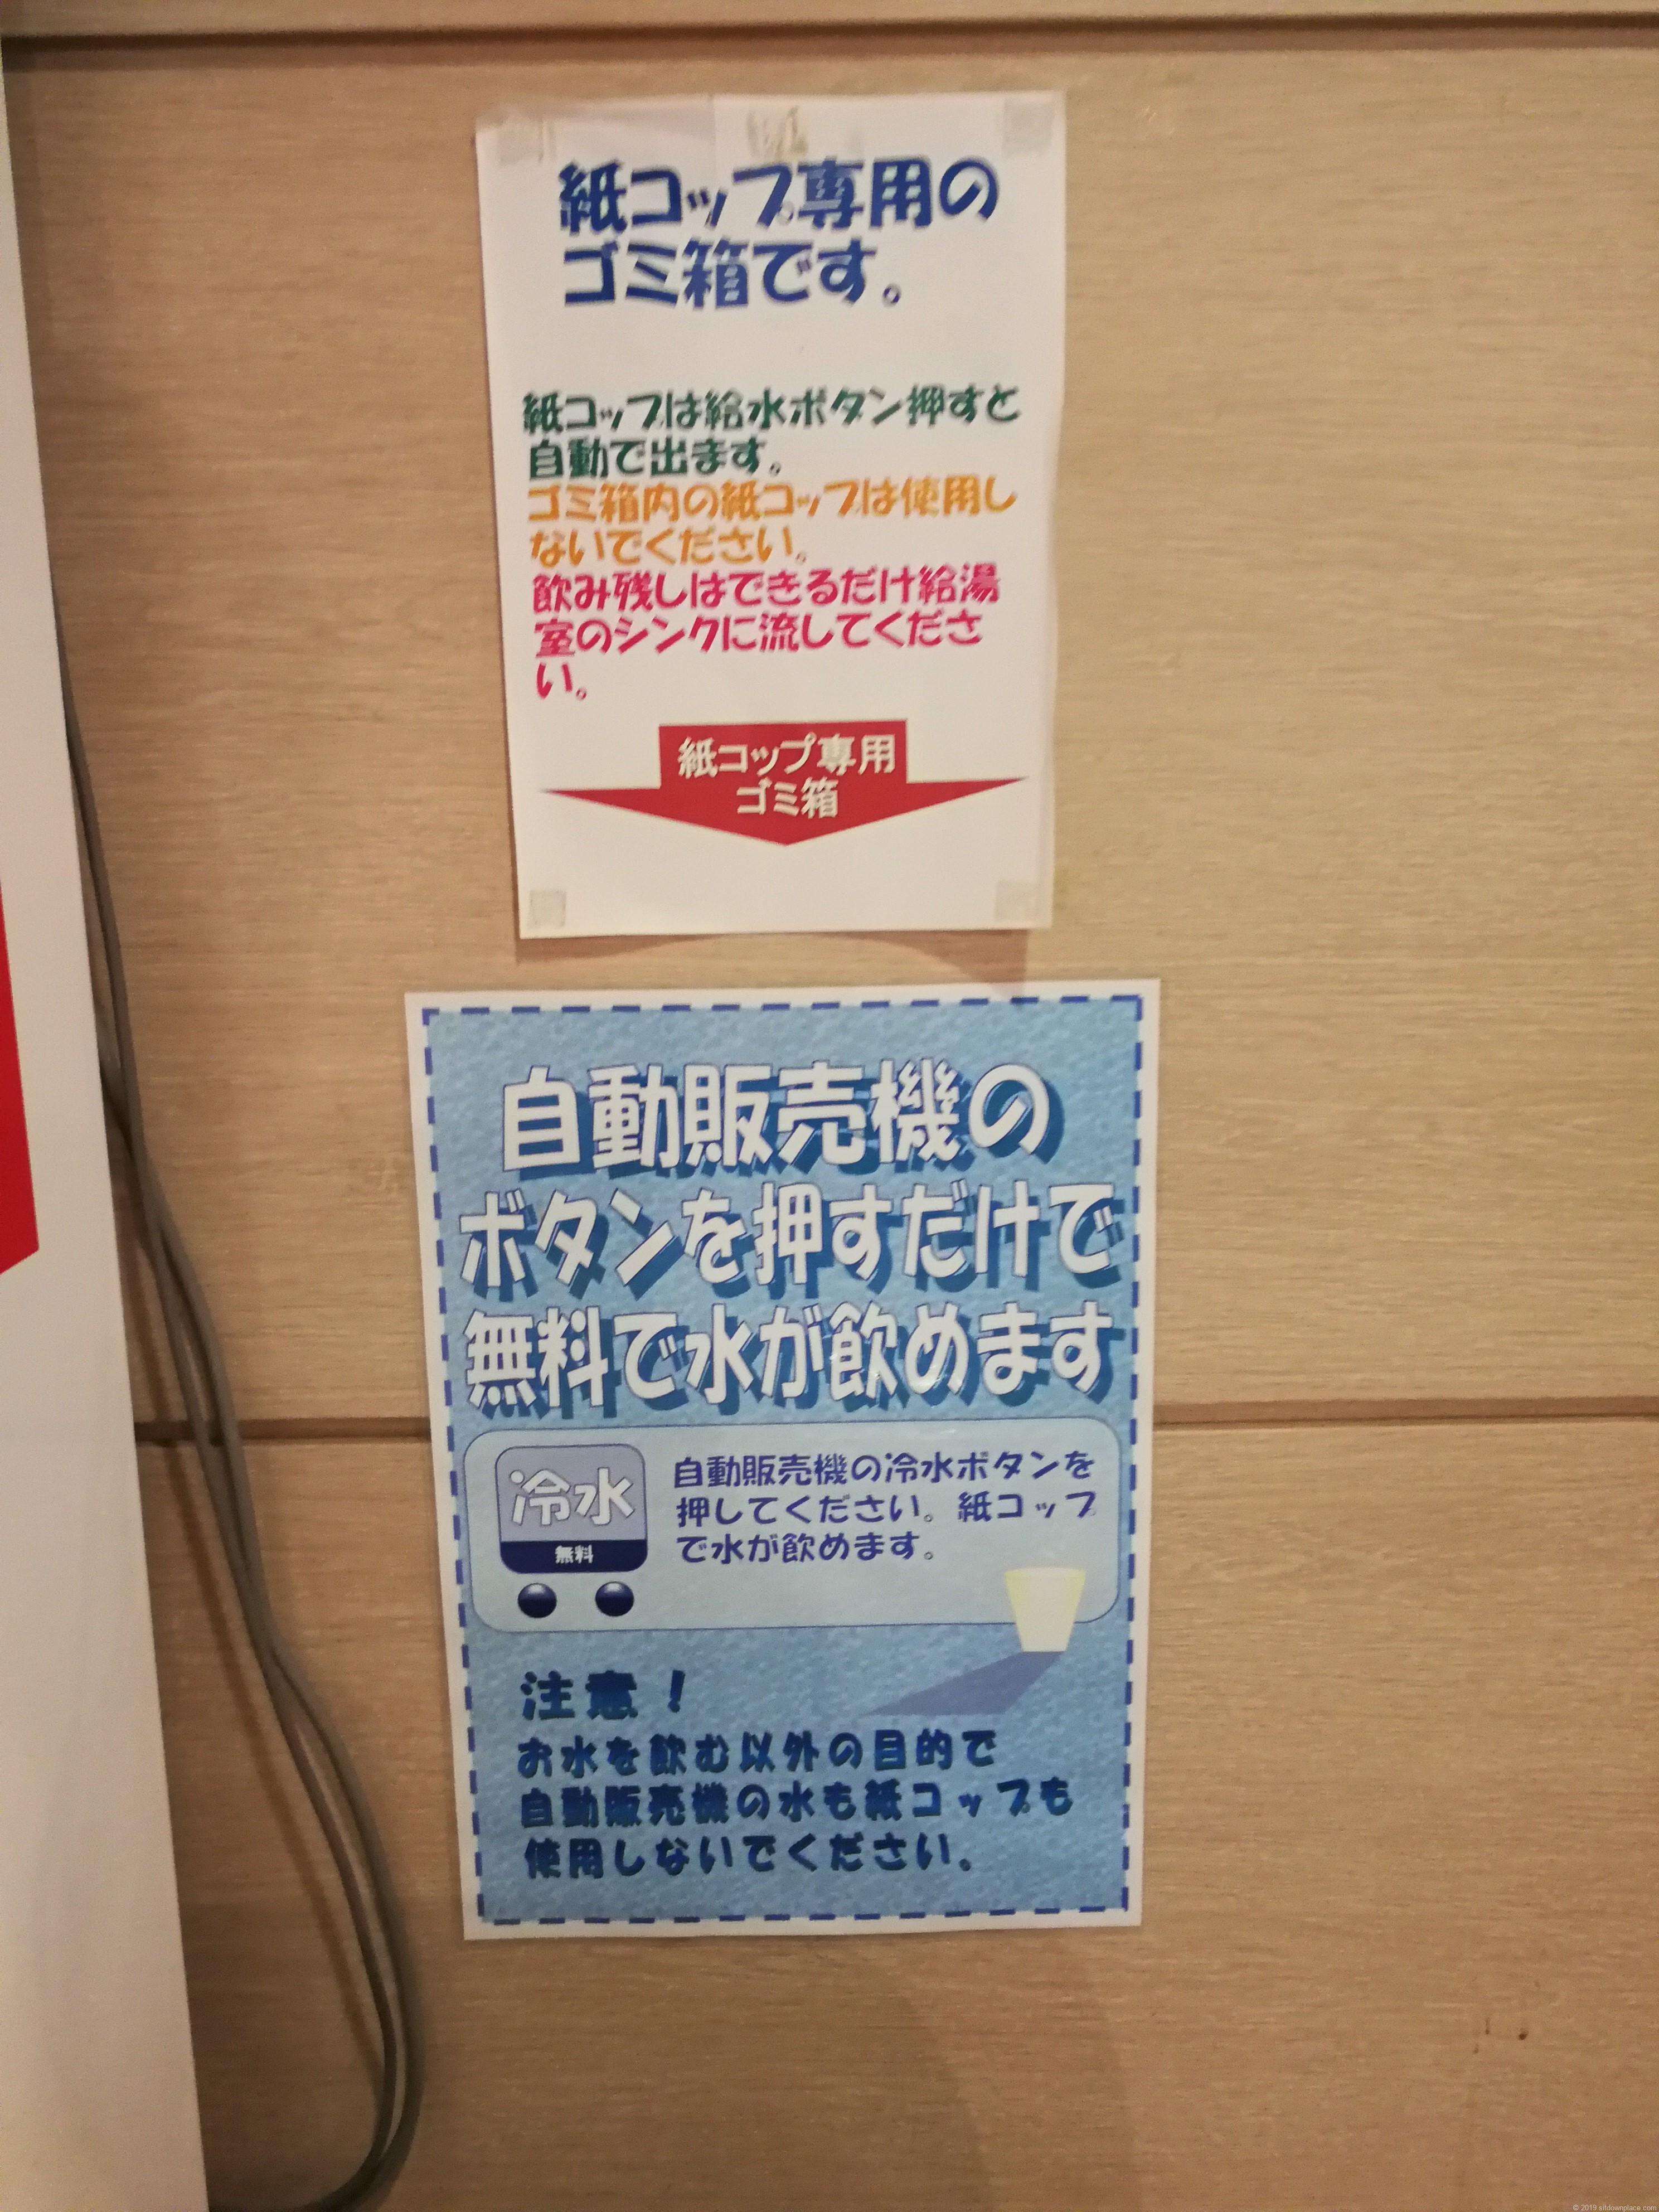 ビビオ赤羽3F赤羽文化センターの無料で冷たい水が飲める自動販売機の案内